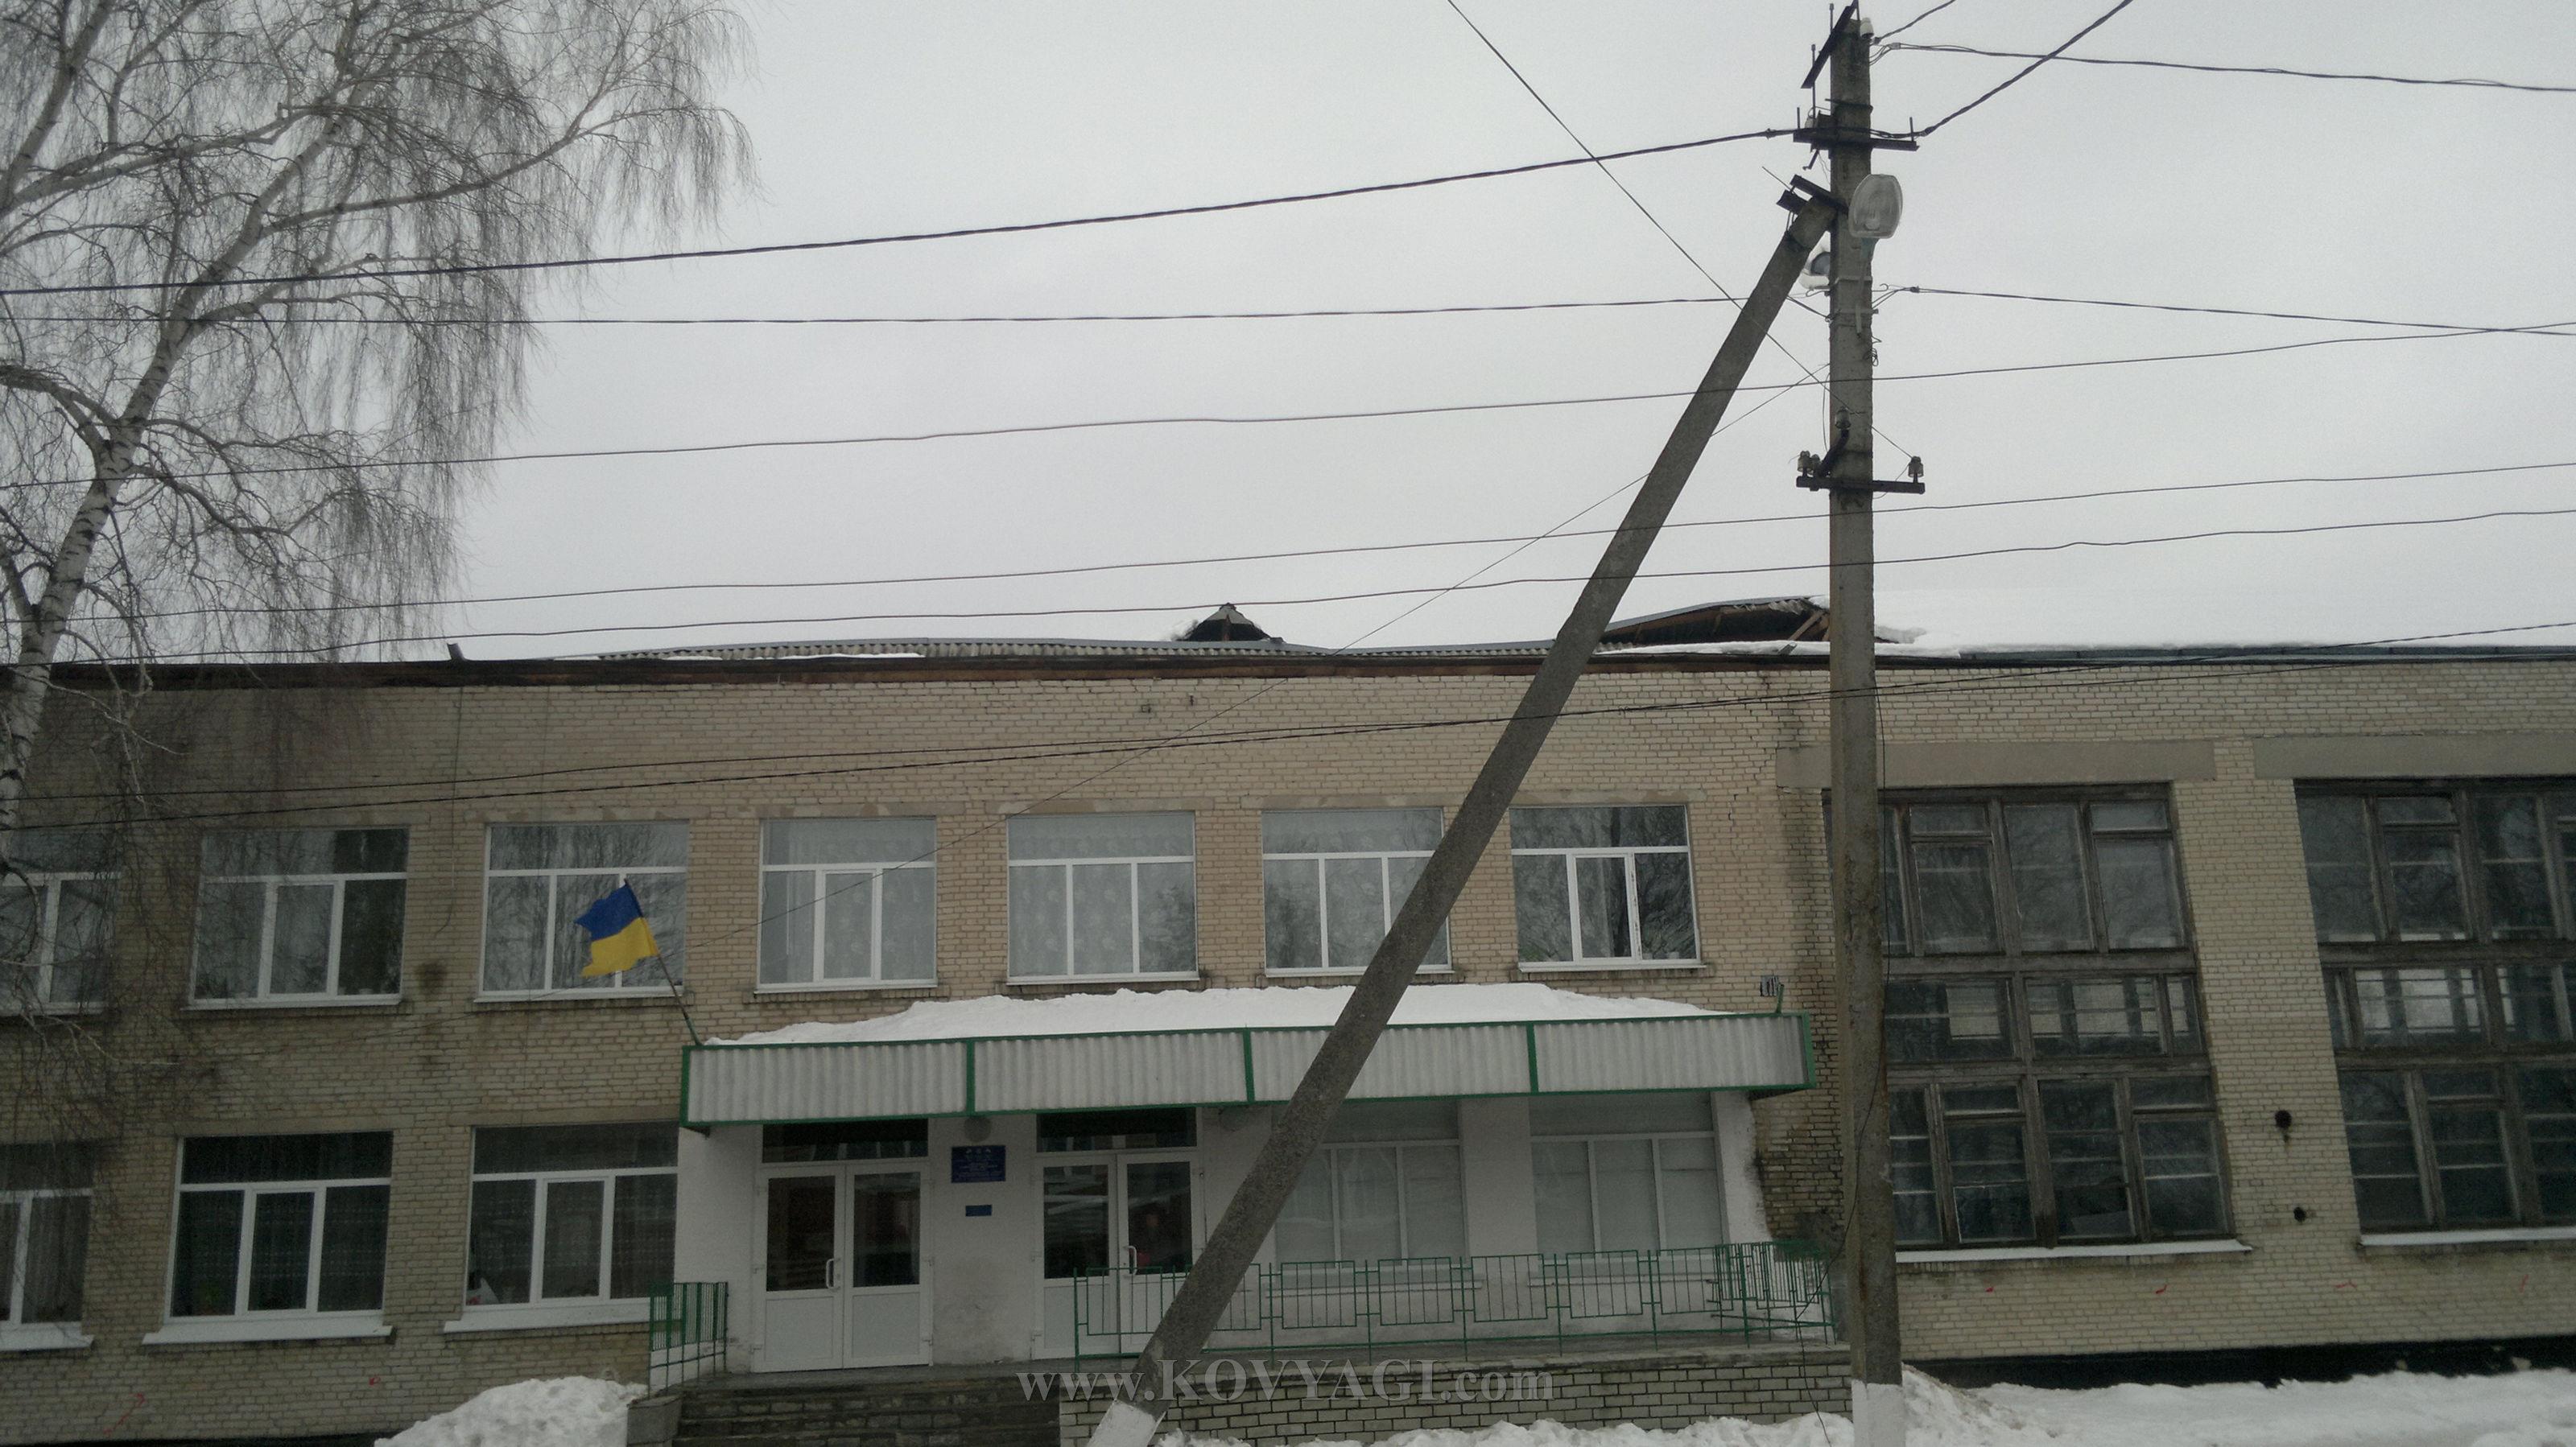 krysha_nvk_22022017-03